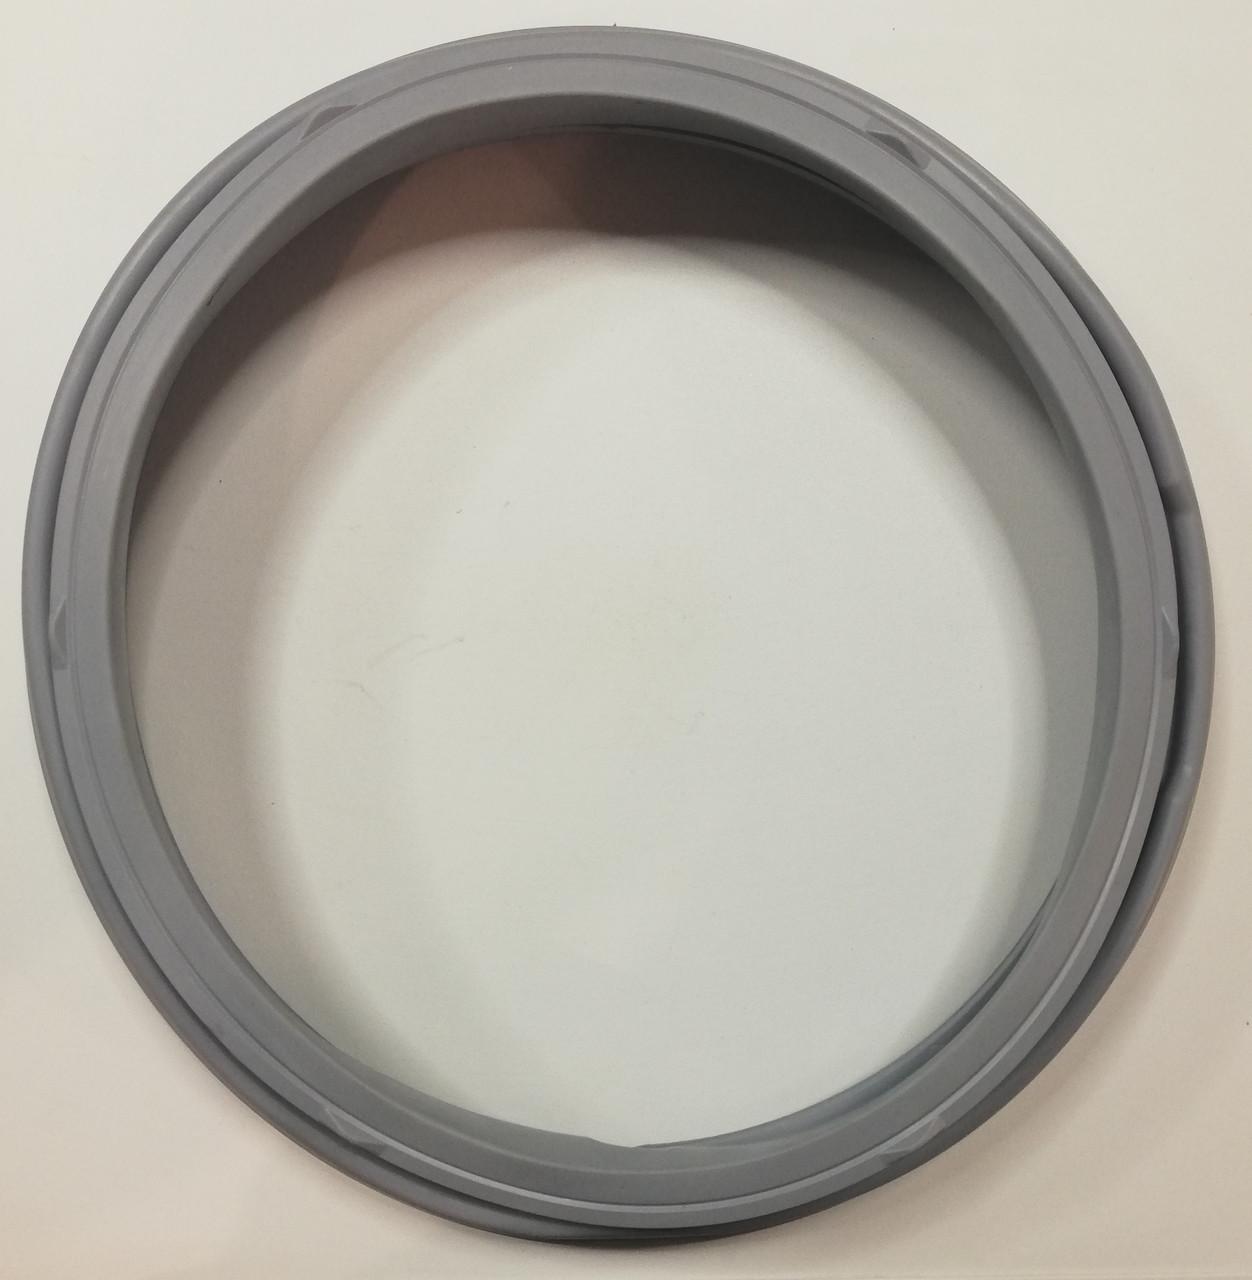 Резина люка (манжета) для стиральной машины LG 4986ER1004A